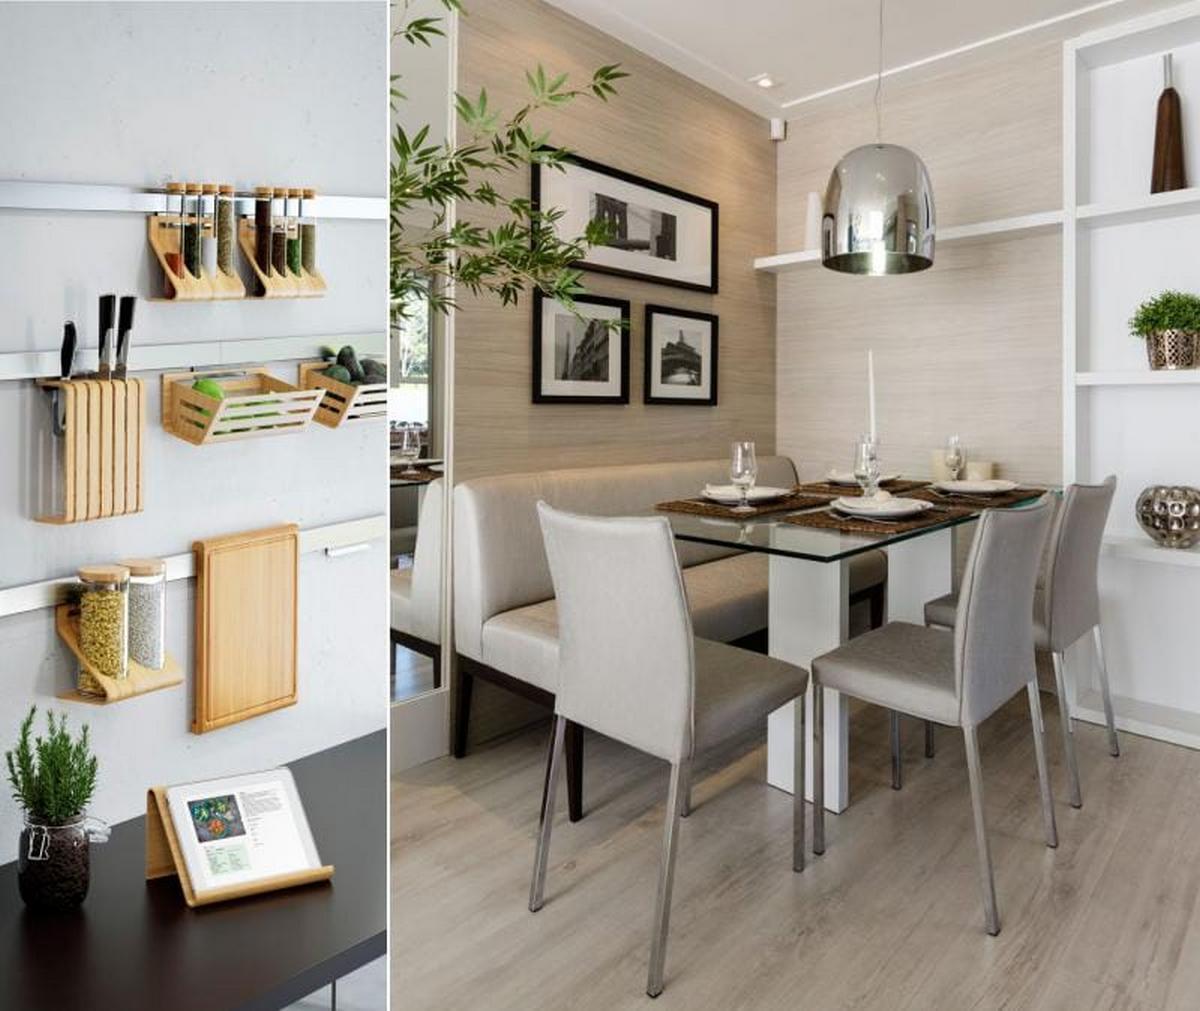 декор и кухонные аксессуары в японском стиле